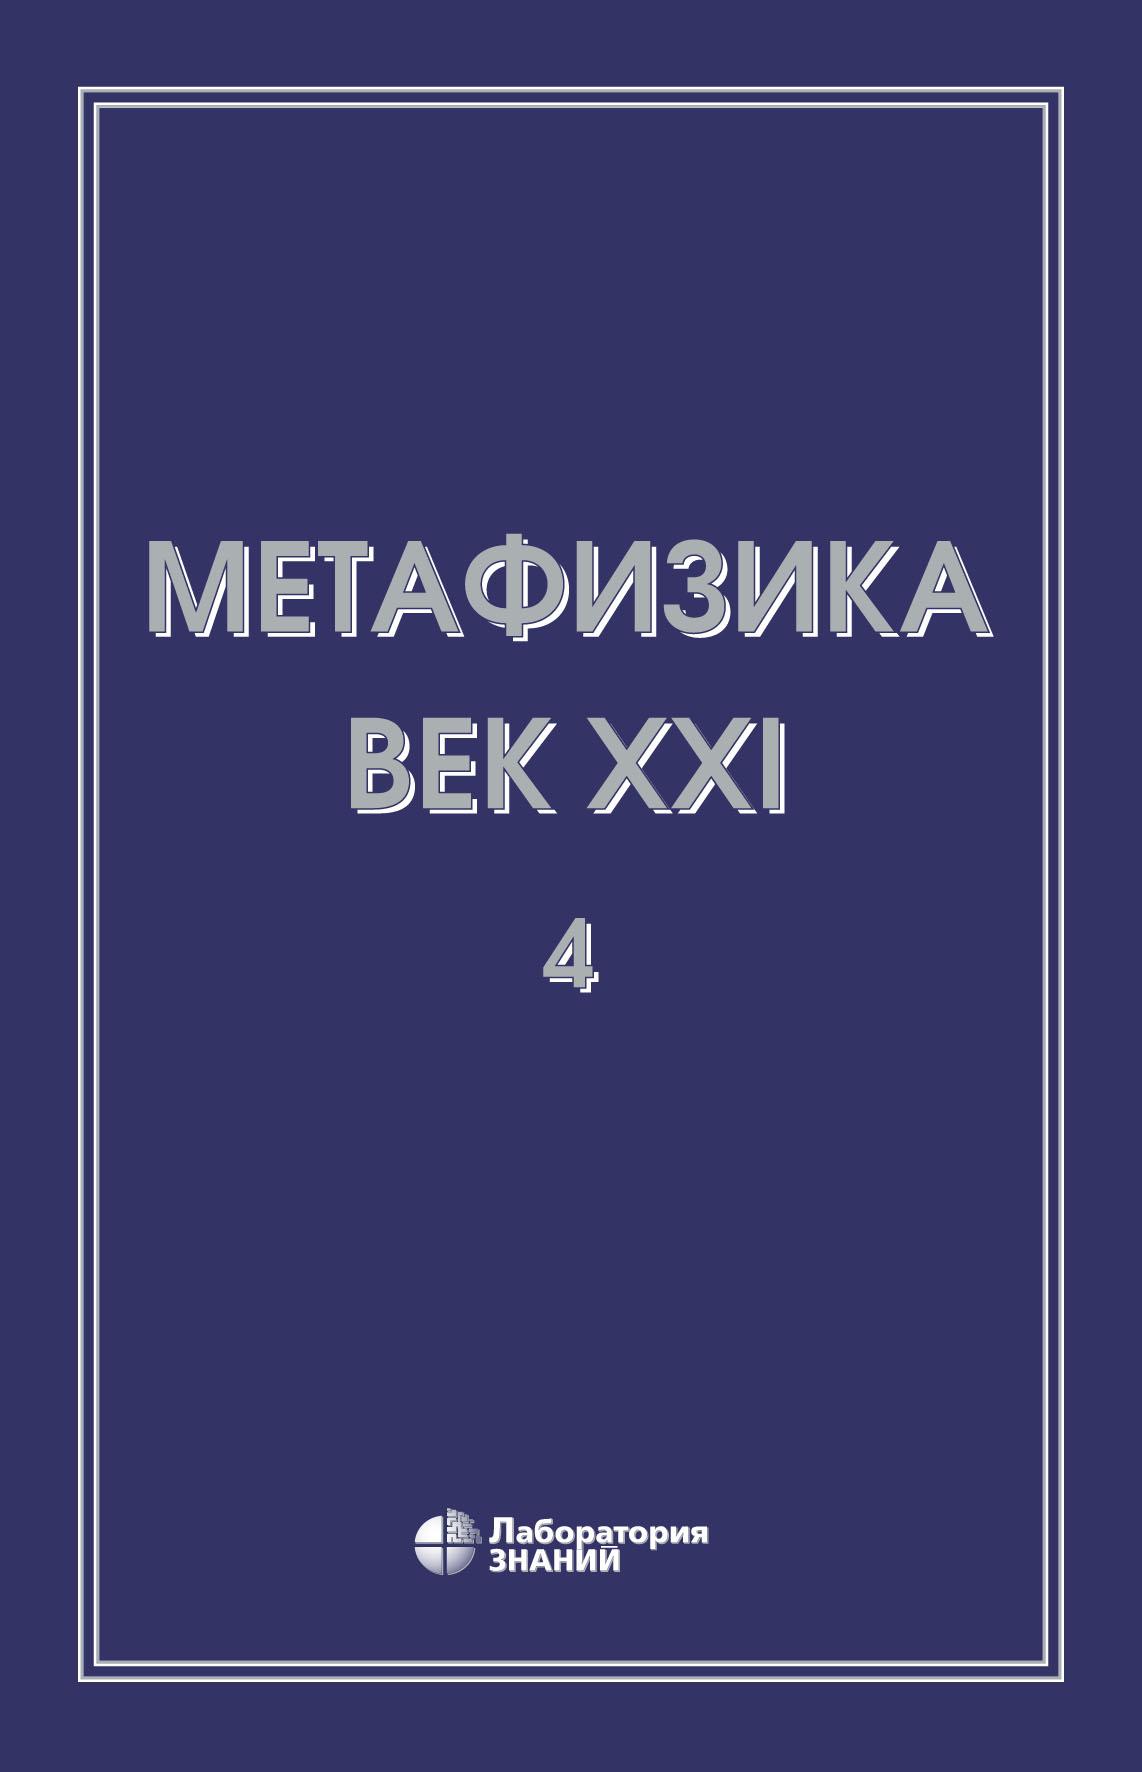 Сборник статей Метафизика. Век XXI. Альманах. Выпуск 4. Метафизика и математика сборник статей метафизика век xxi альманах выпуск 4 метафизика и математика